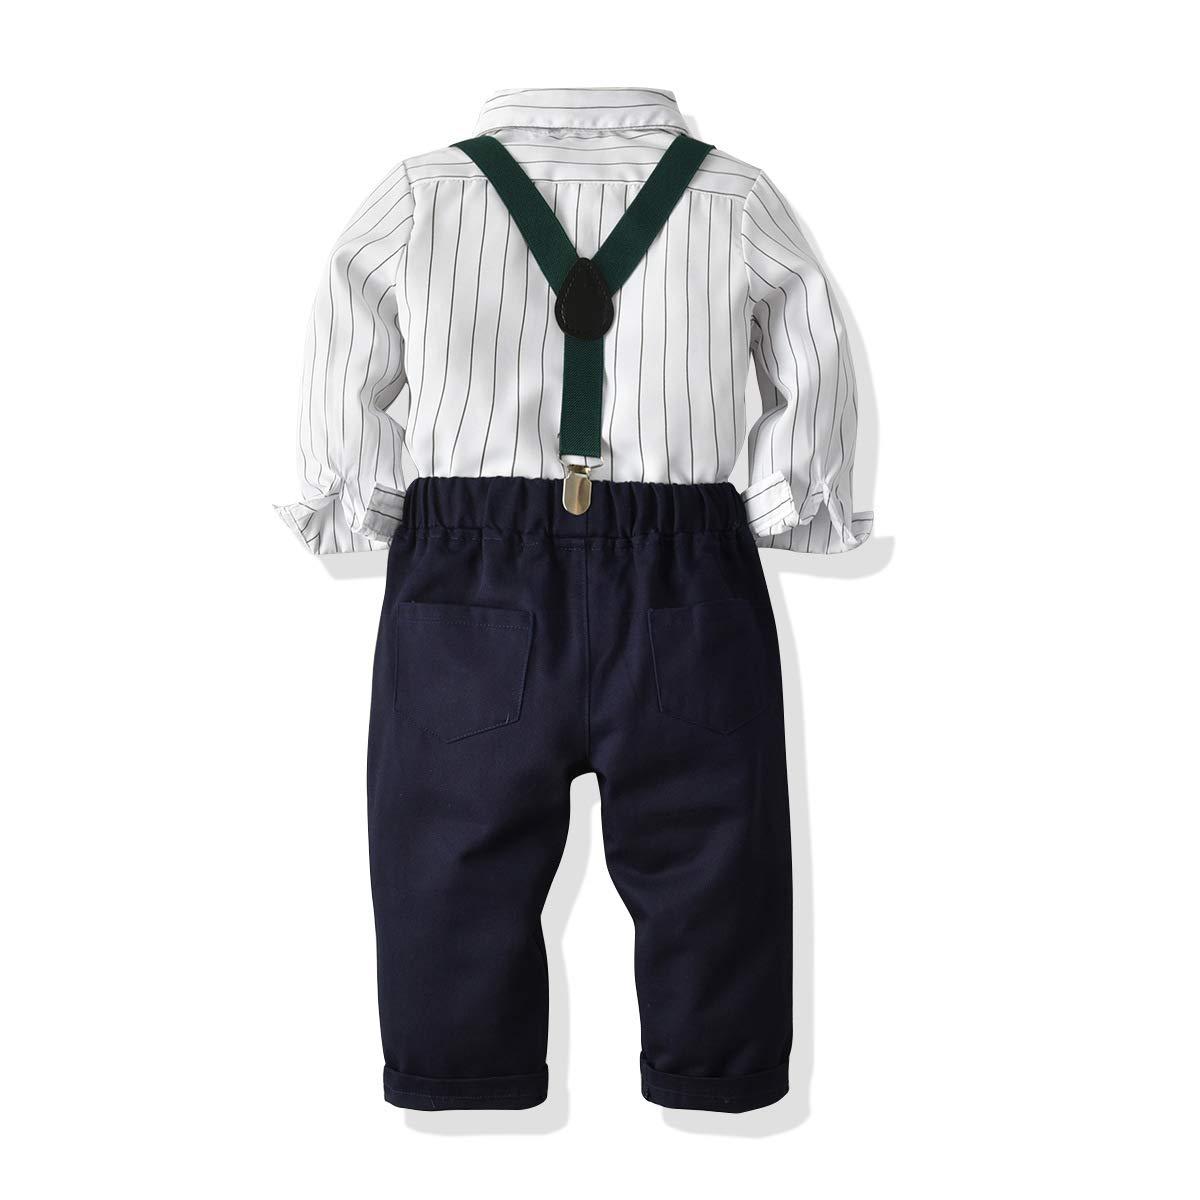 Hemd Fliege Krawatte Kinder Anzug Gentleman Festliche Hochzeit Langarm Body f/ür Fr/ühling Herbst Hose SANMIO Baby Jungen Bekleidungssets